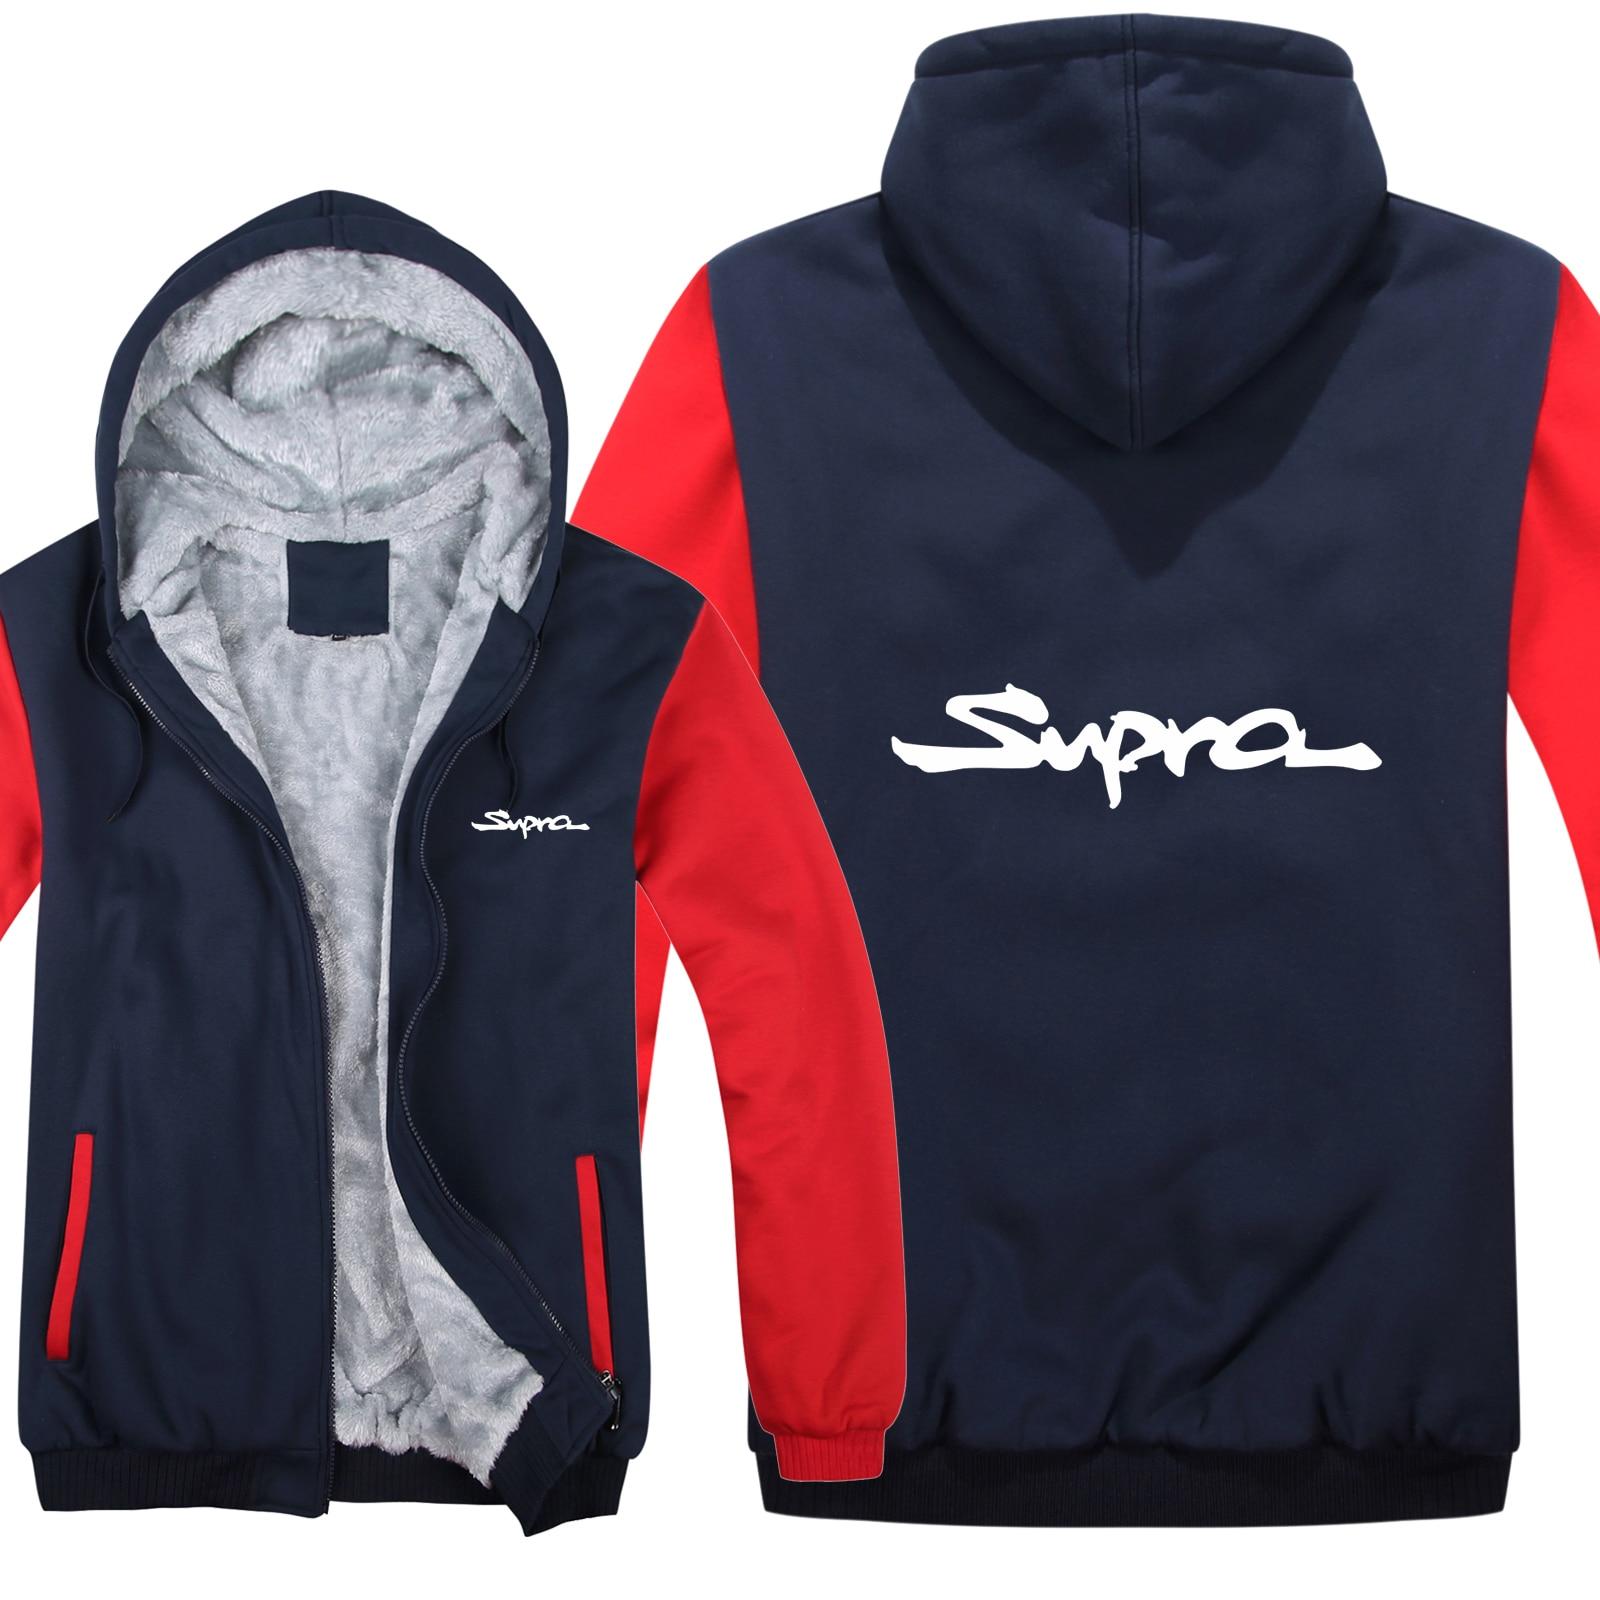 Toyota Supra Hoodies Thicken Jacket Wool Liner Fleece Pullover Man Coat Toyota Supra Sweatshirts Coat HS-056